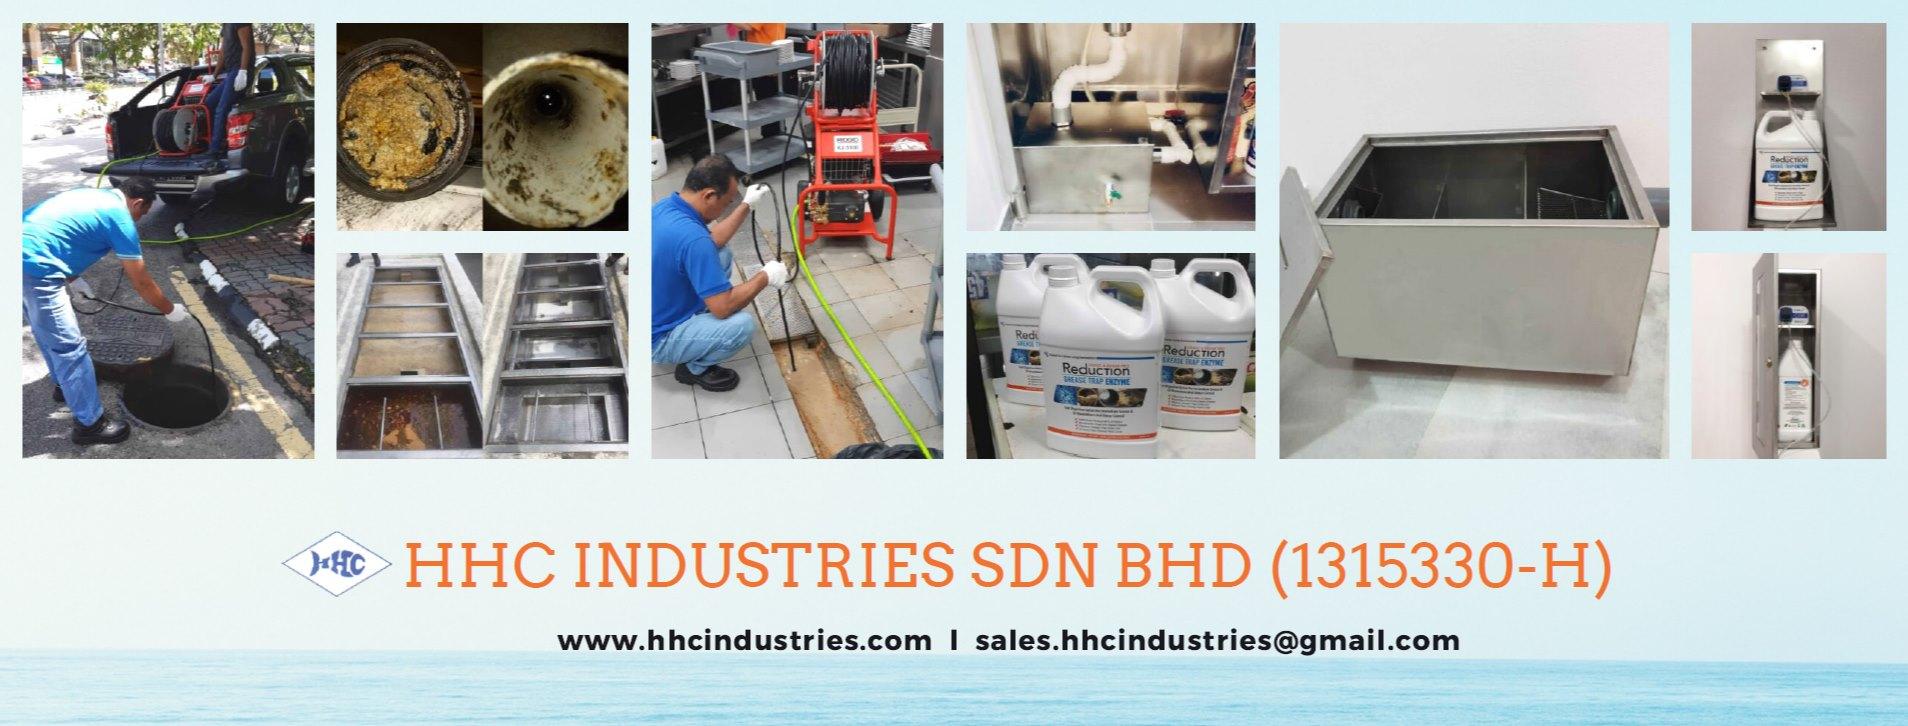 HHC INDUSTRIES SDN BHD